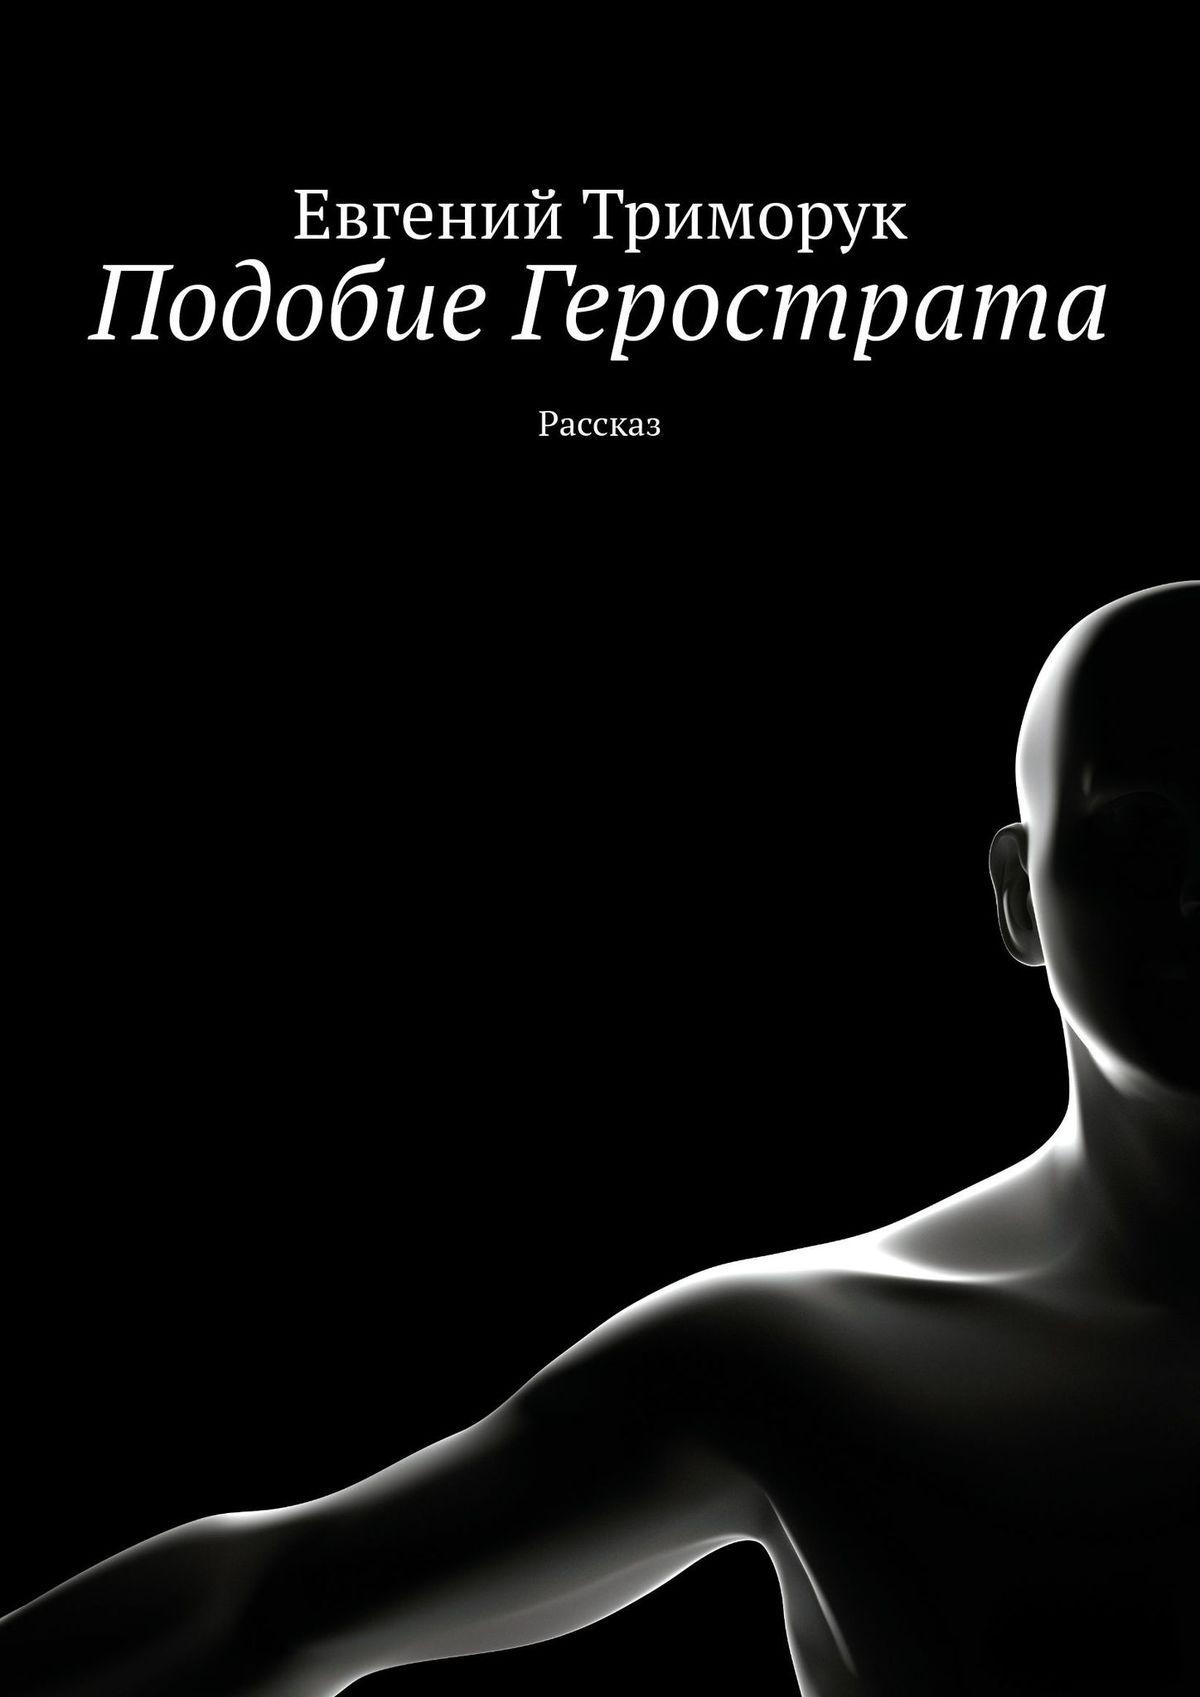 Евгений Триморук Подобие Герострата. Рассказ евгений триморук текст несколько невообразимых переходов восне